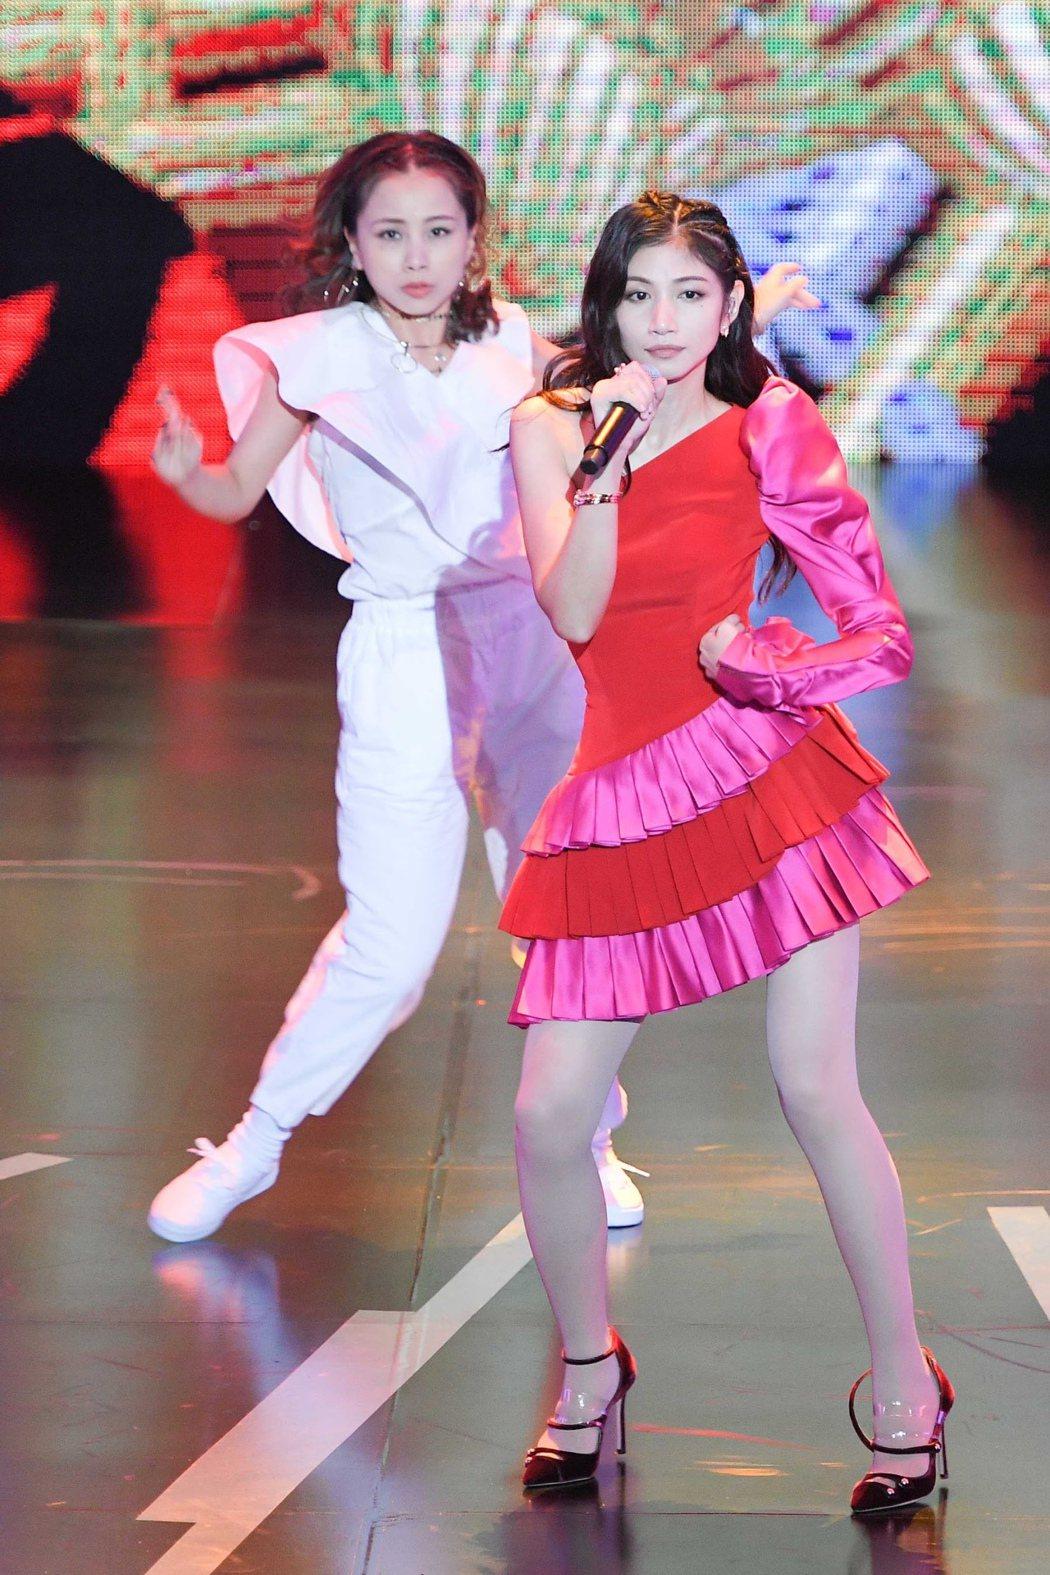 李千那在廣播金鐘典禮上擔任開場表演嘉賓,一連串勁歌熱舞帶動氣氛。圖/三立提供